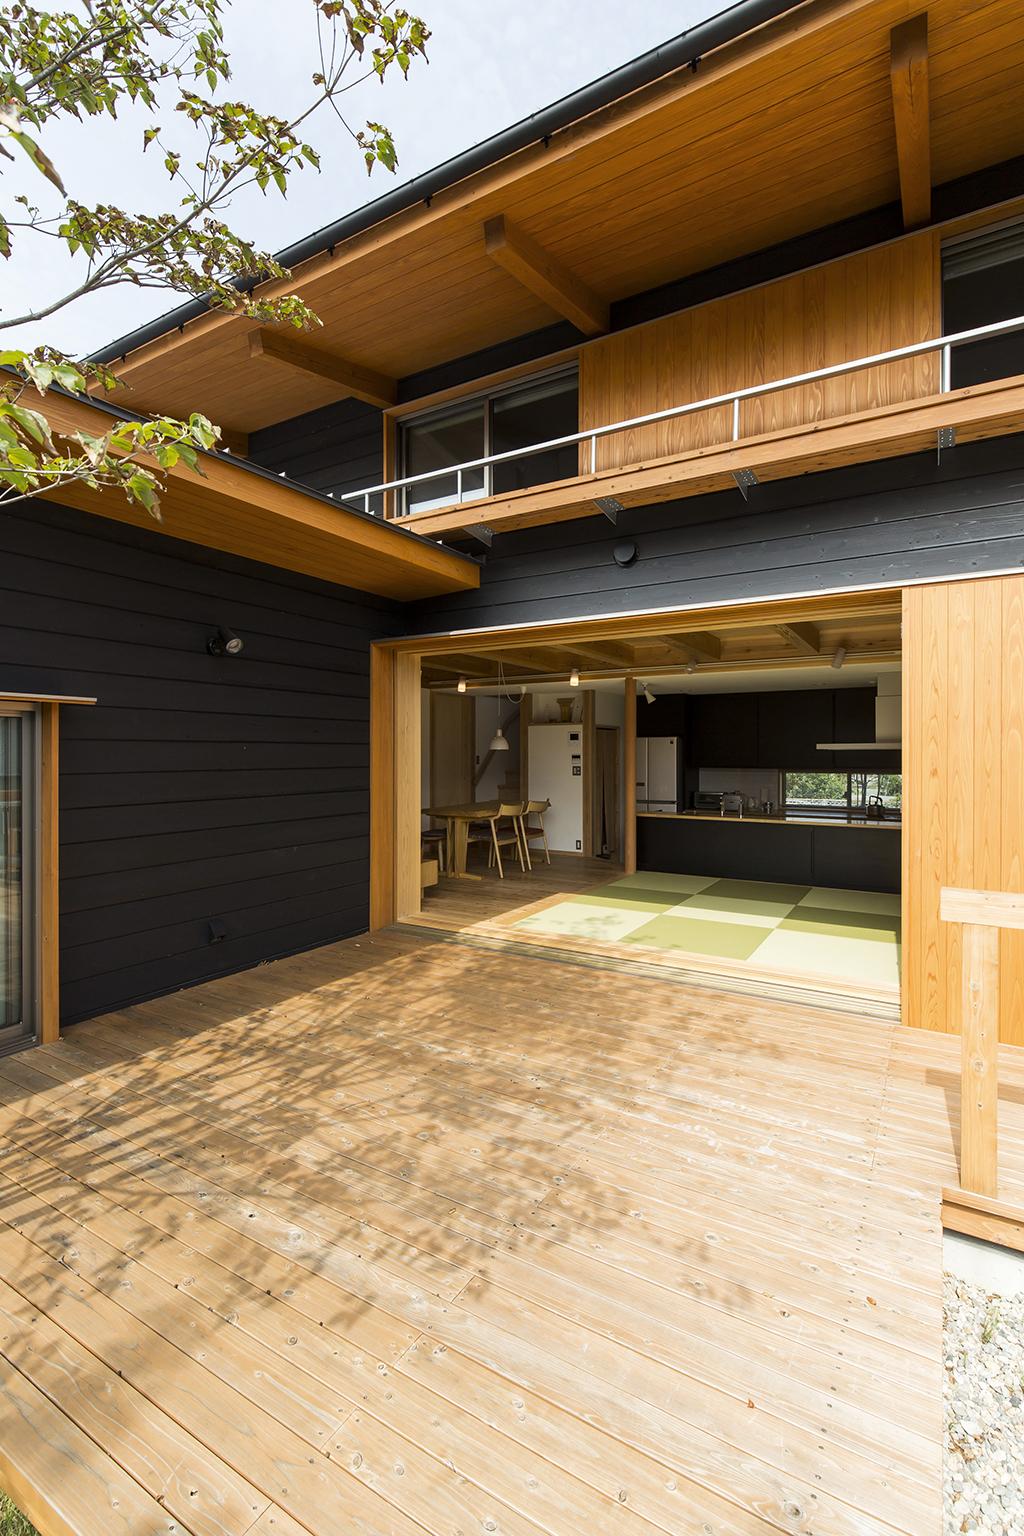 高砂市の木の家 デッキから室内を見る